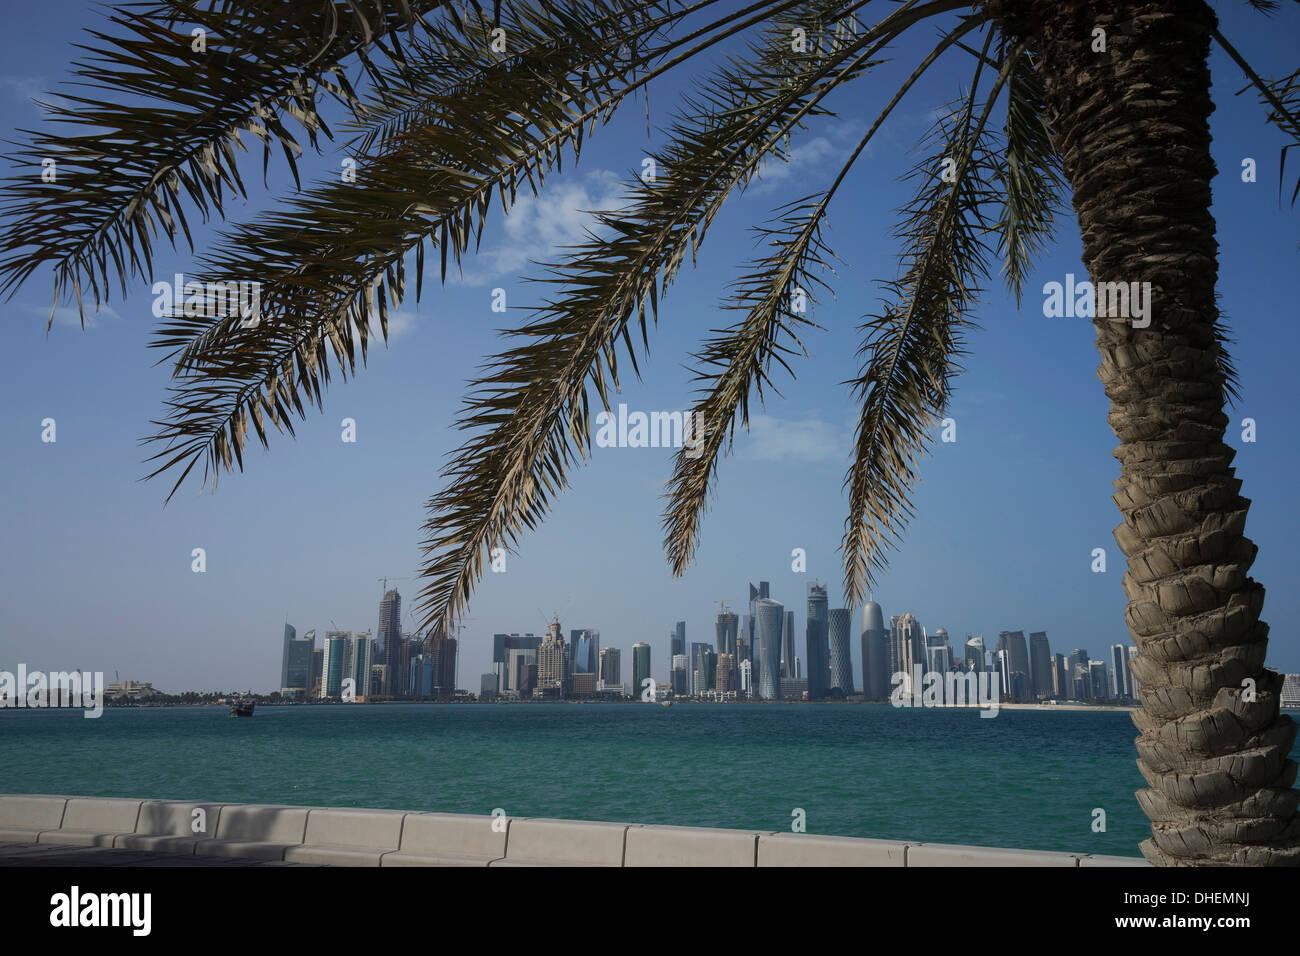 Futuristische Wolkenkratzer auf fernen Doha Skyline, Katar, Nahost Stockbild